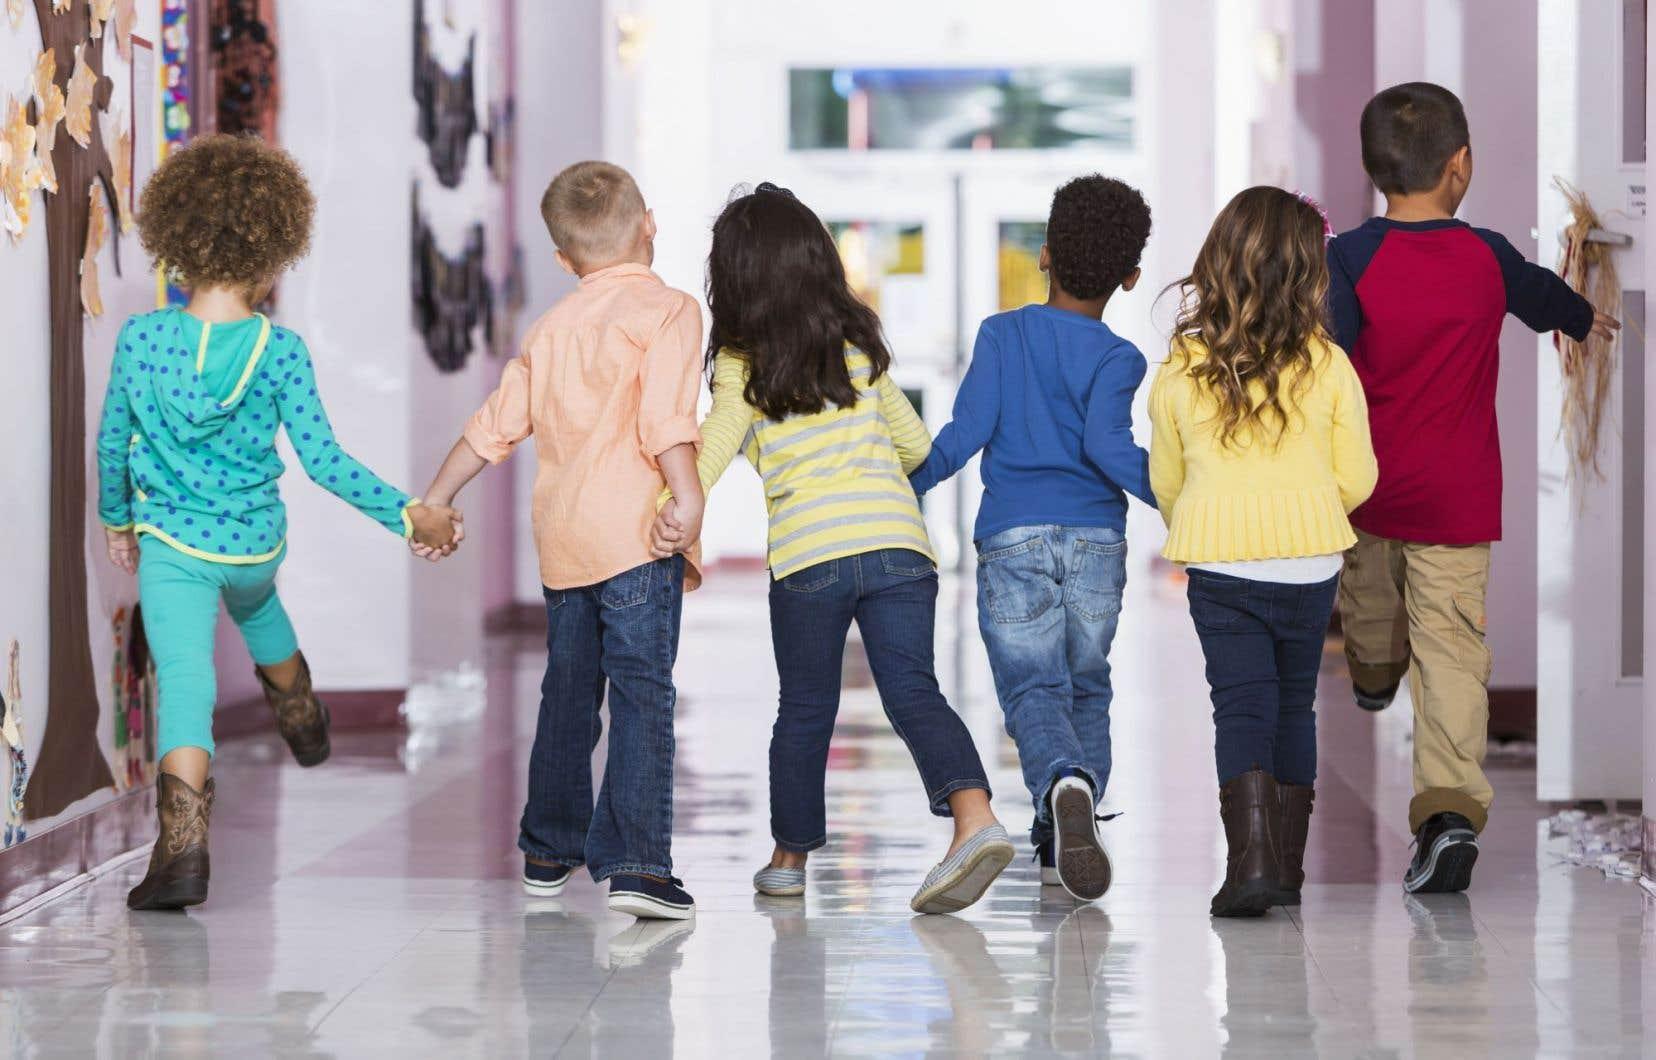 Le budget déposé au printemps prévoyait des investissements en éducation de 1,8milliard de dollars sur cinq ans, notamment pour embaucher 7200 personnes dans le réseau.